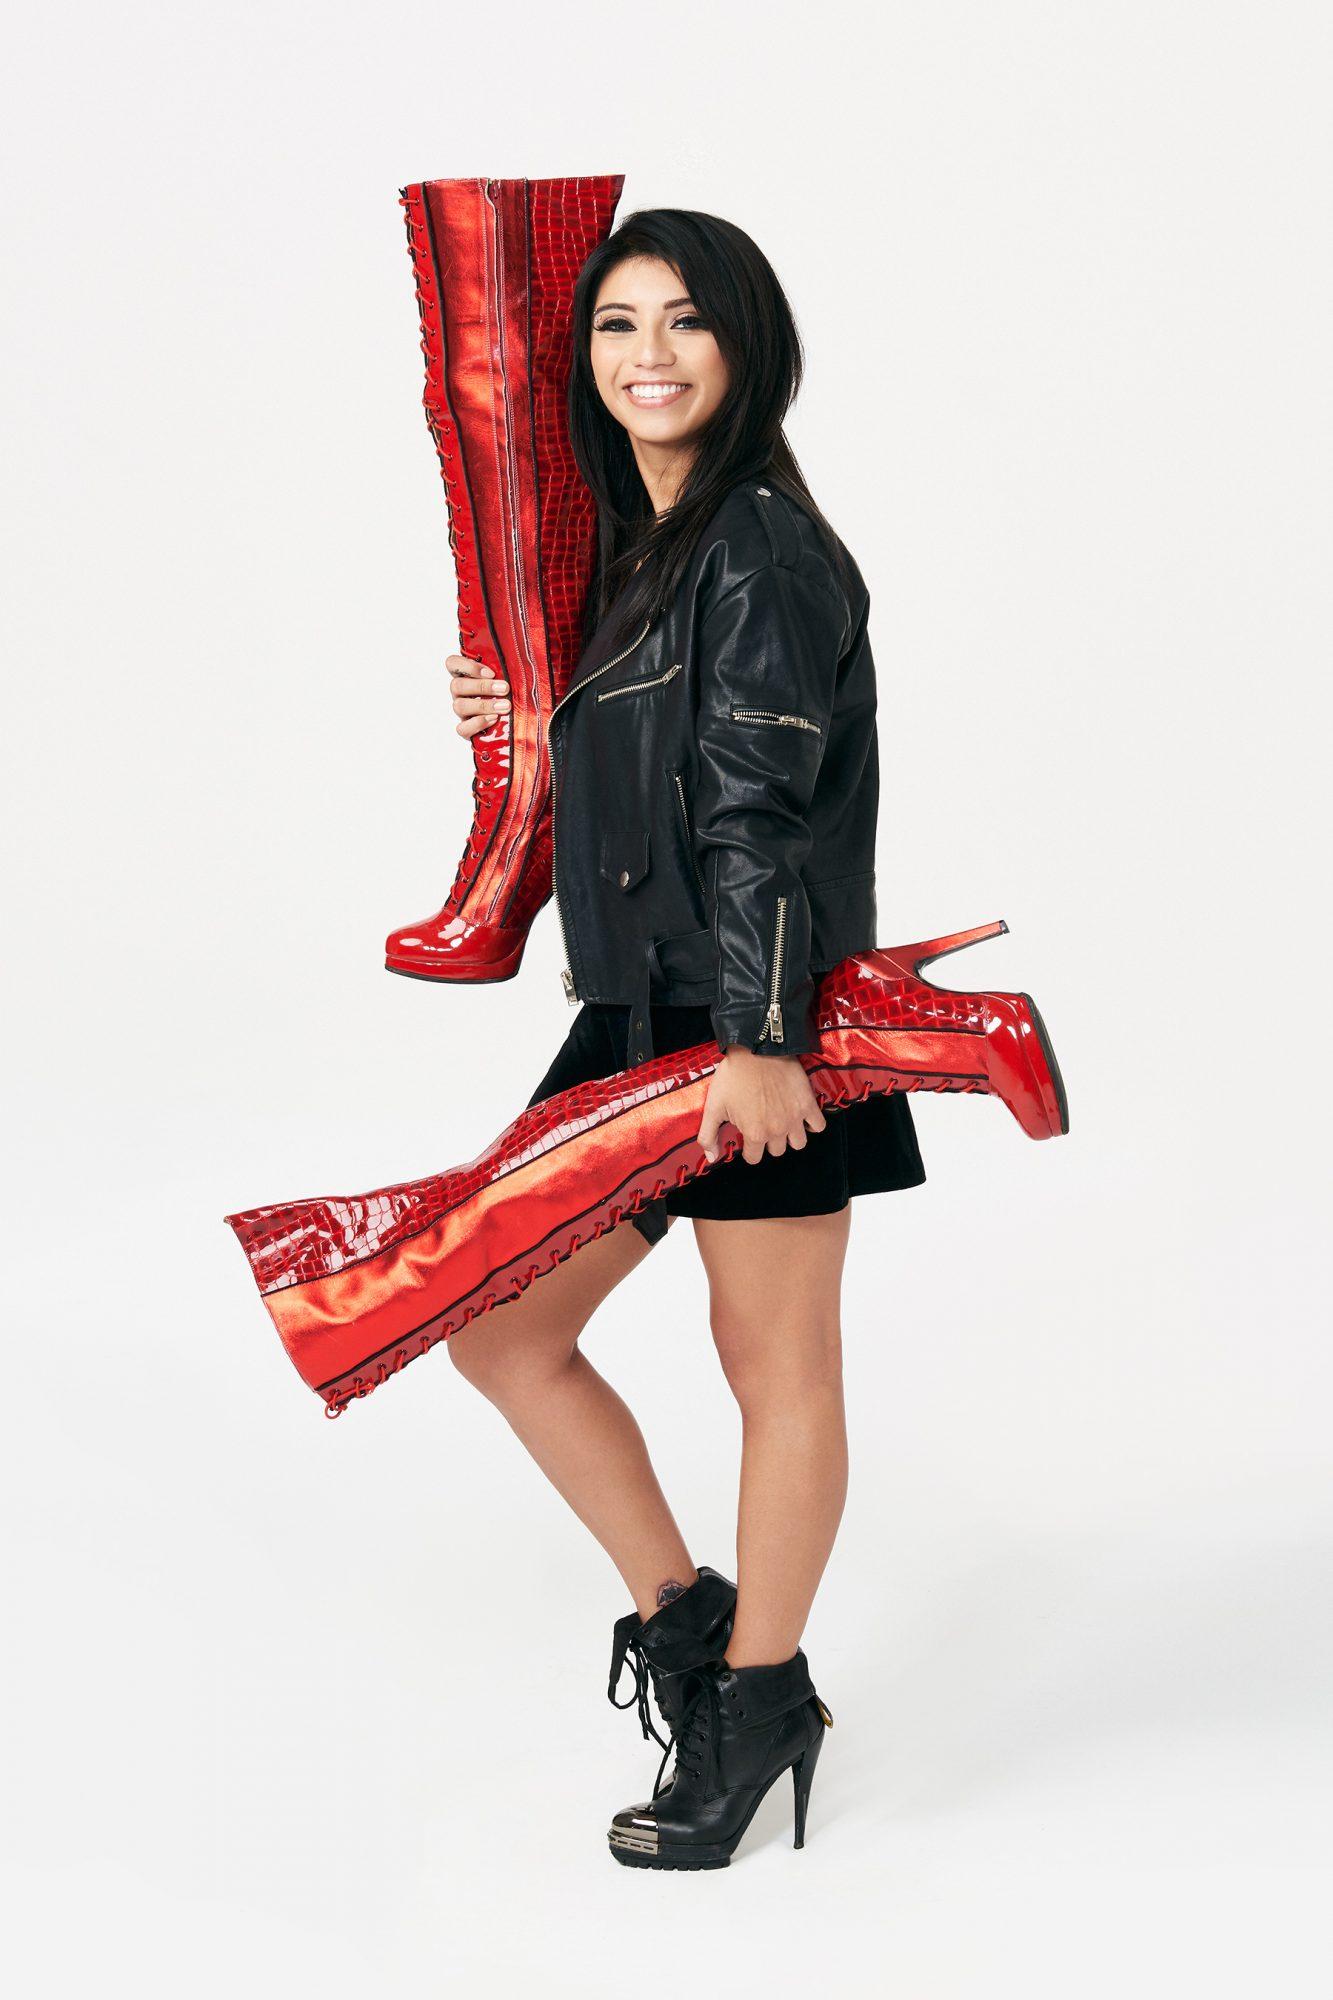 Kirstin_Maldonado_Kinky_Boots_03-by-Embry-Lopez